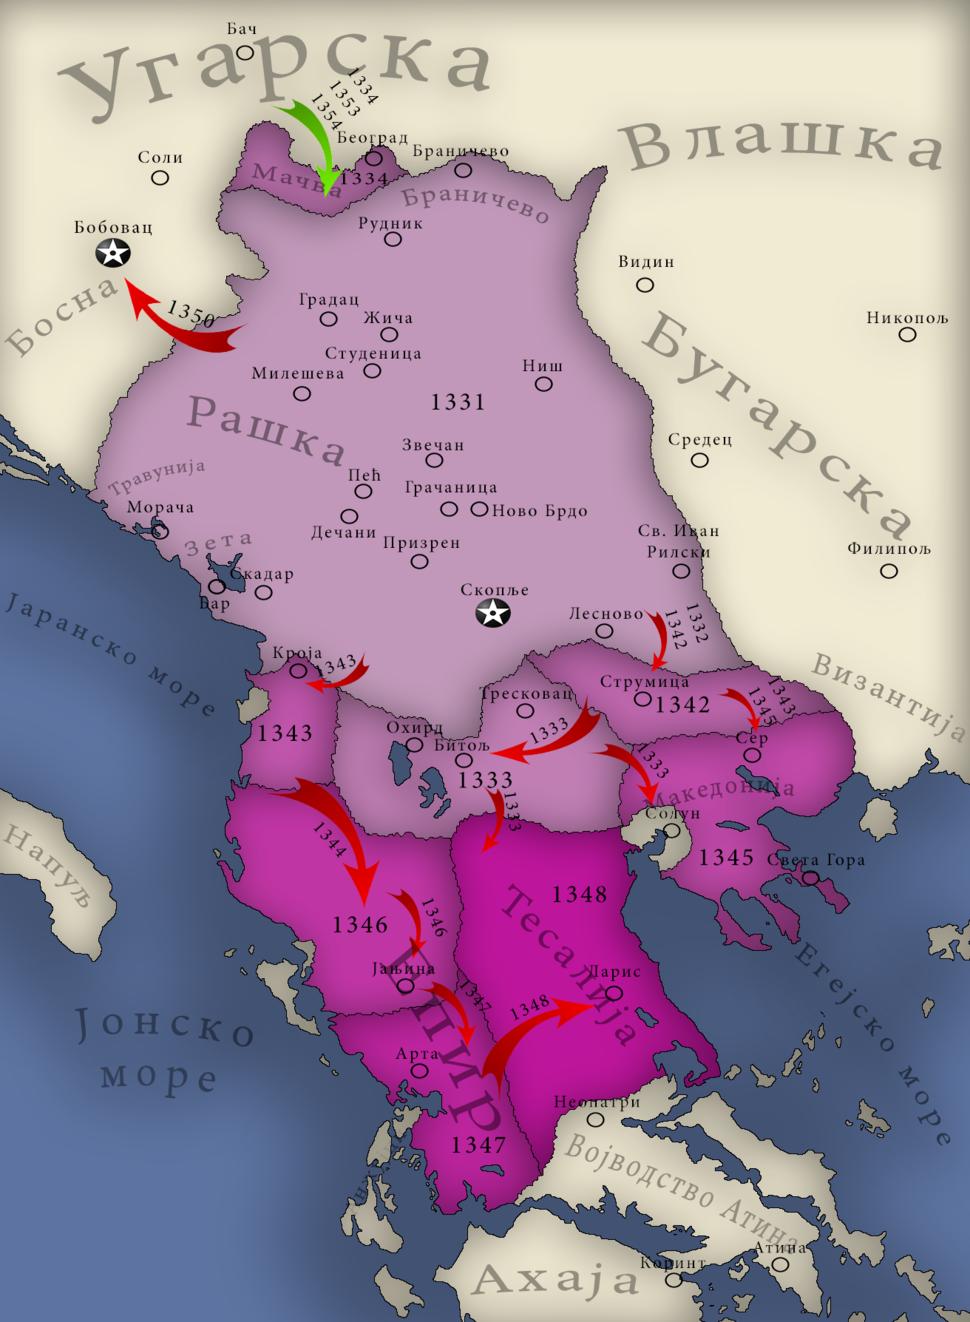 Освајања цара Стефана Душана